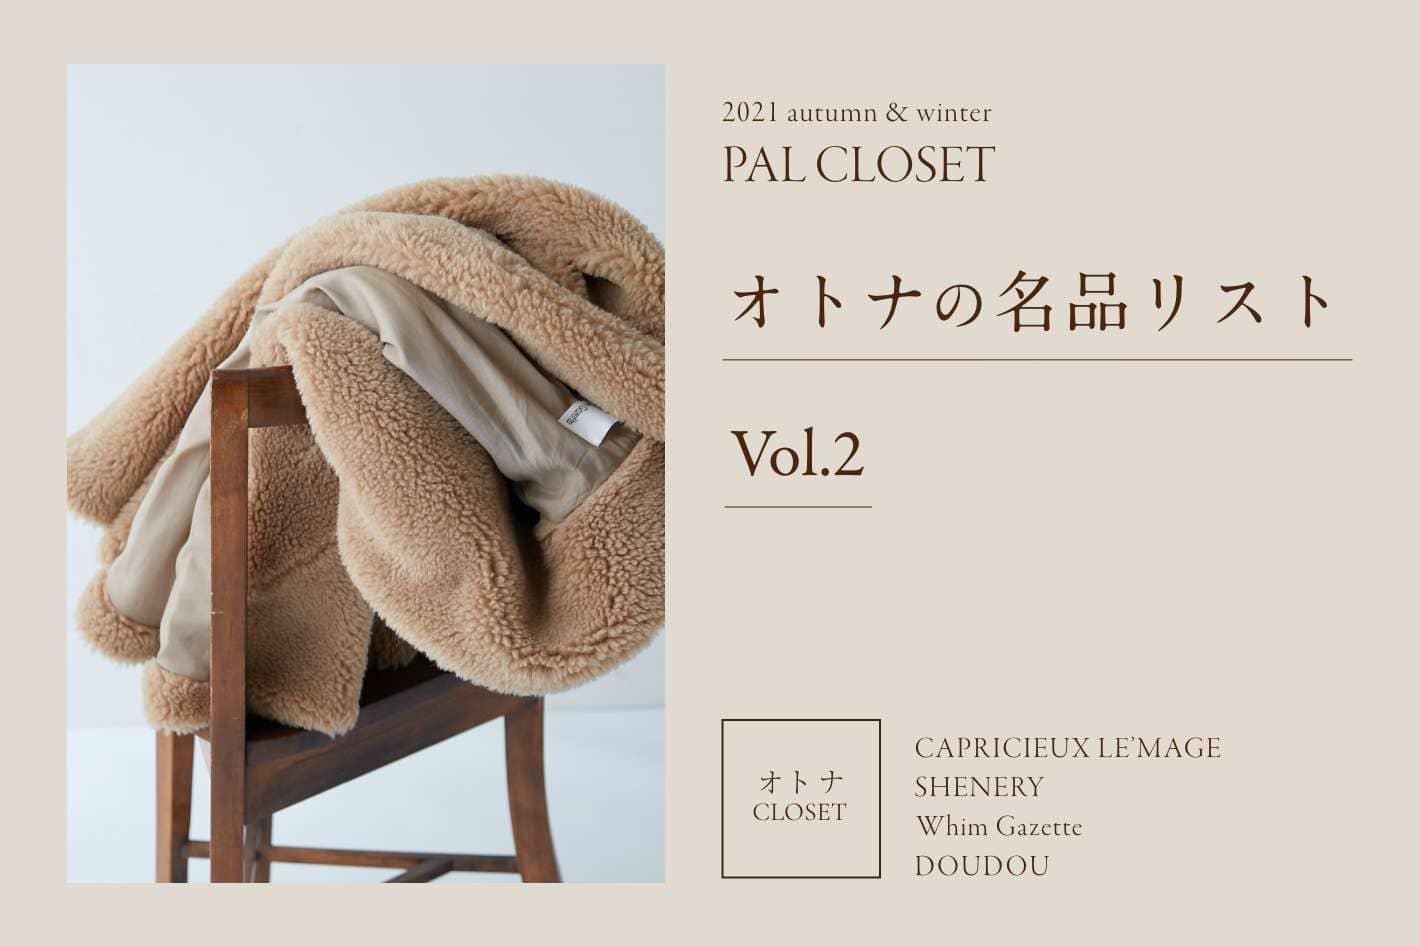 【オトナCLOSET】オトナの名品リスト Vol.2